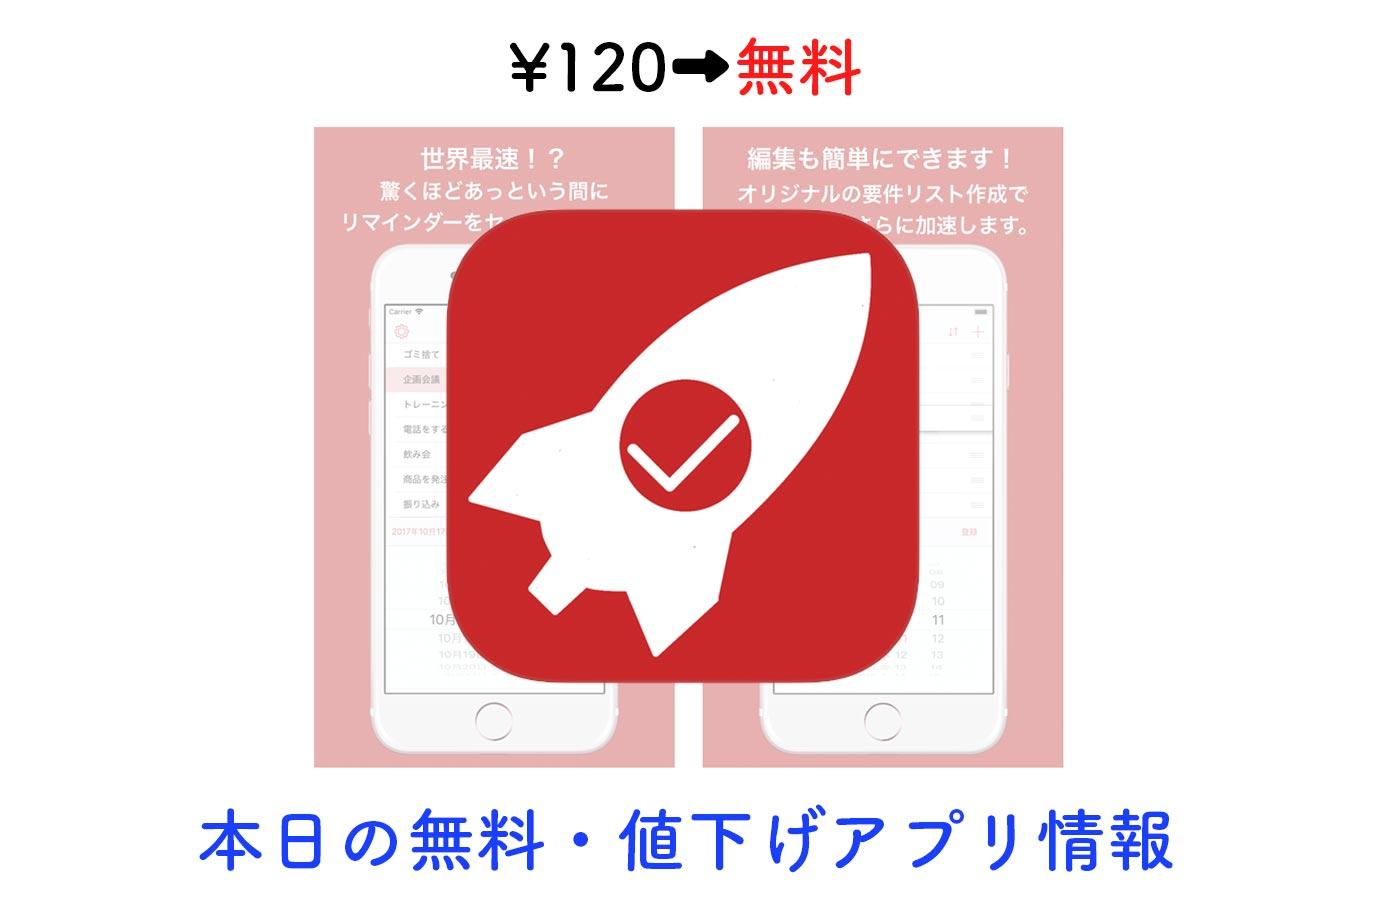 ¥120→無料、リマインダーやToDoリストを素早くセットできる「ロケットリマインダー」など【10/23】本日の無料・値下げアプリ情報